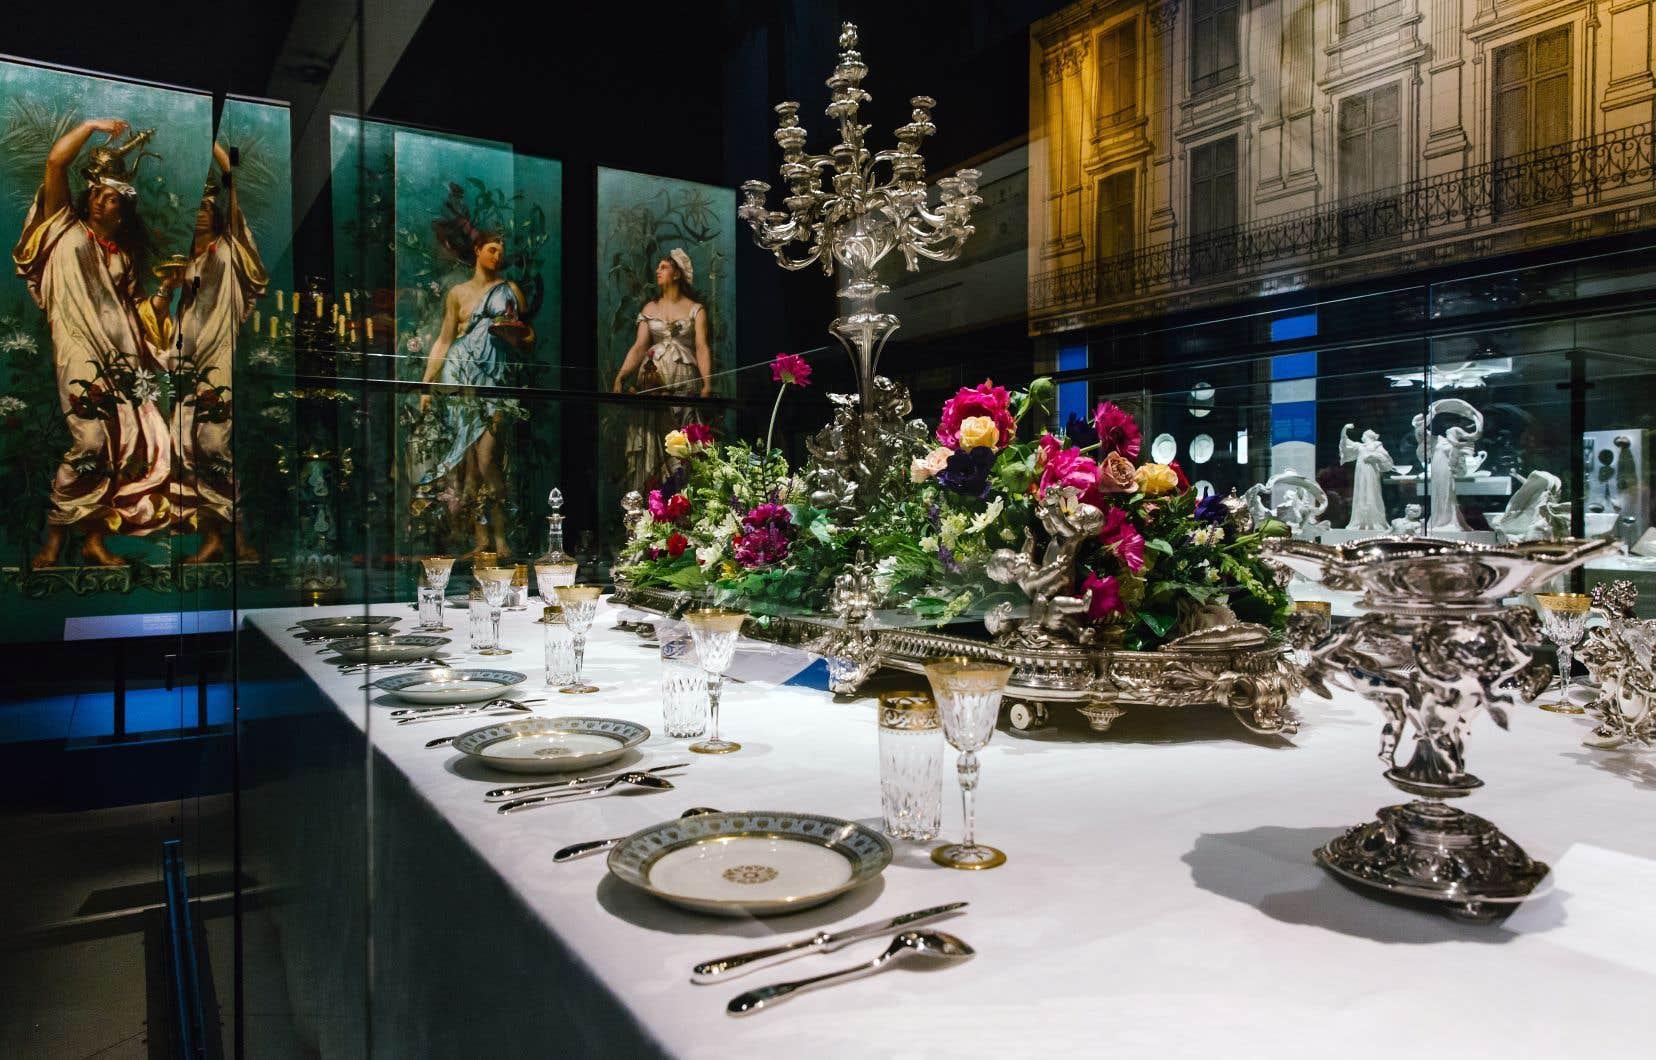 Ramequins, saladiers, soupières, porcelaines, verreries, argenteries, étuis à pique-nique… L'exposition «À table!» donne à voir près d'un millier de pièces d'exception.